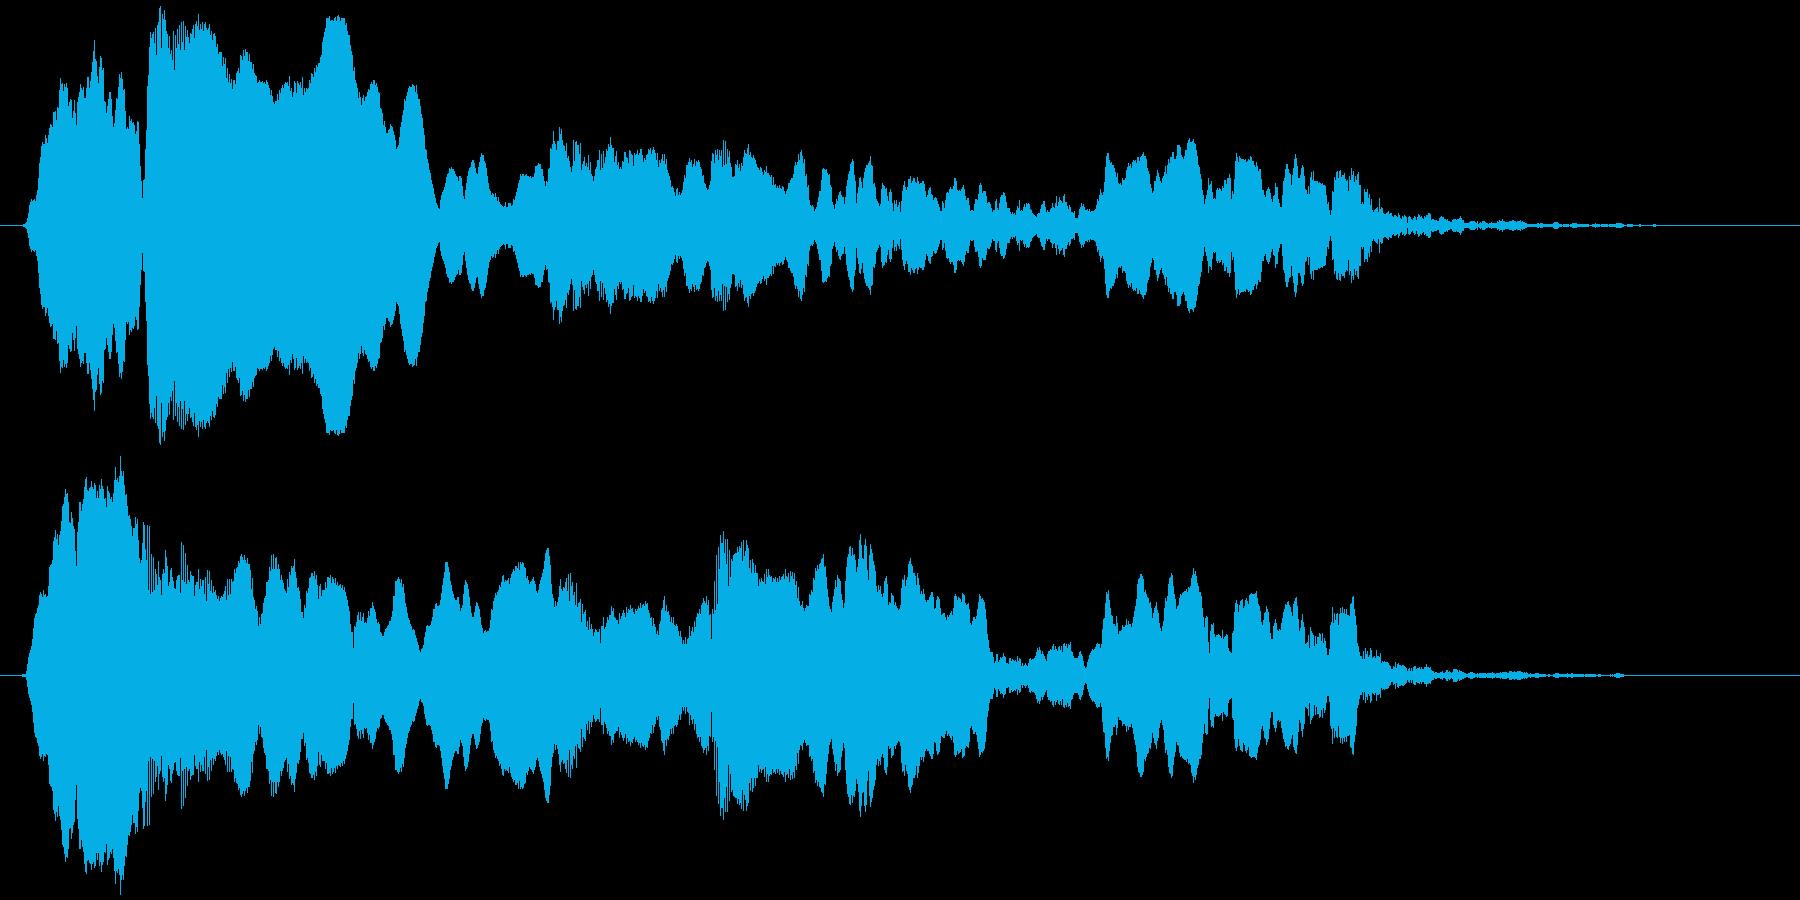 トンビ(トビ、鳶)ヒィヨォーロロロの再生済みの波形